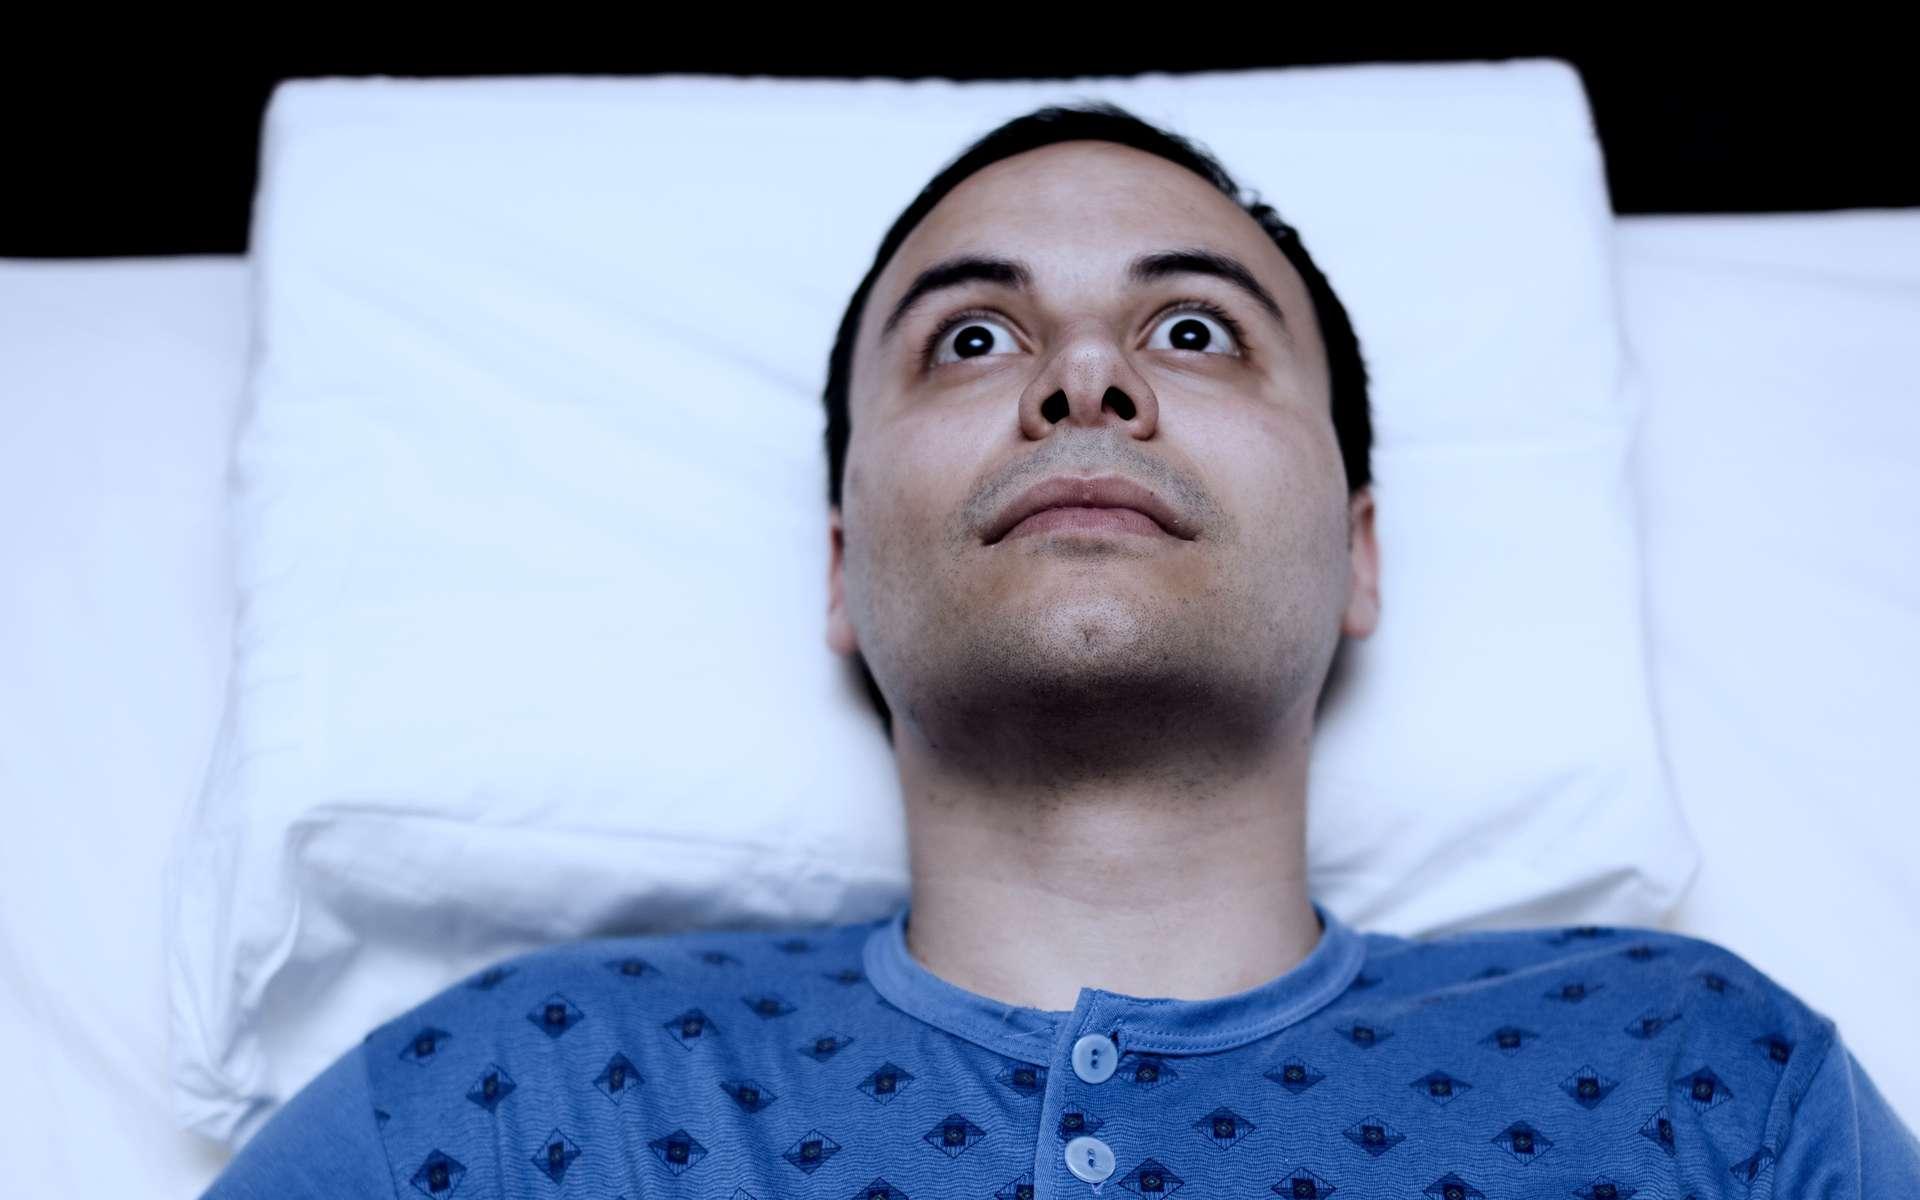 Pendant notre sommeil, nos yeux peuvent être parfois légèrement ouverts mais pas totalement. © Minerva Studio, Shutterstock